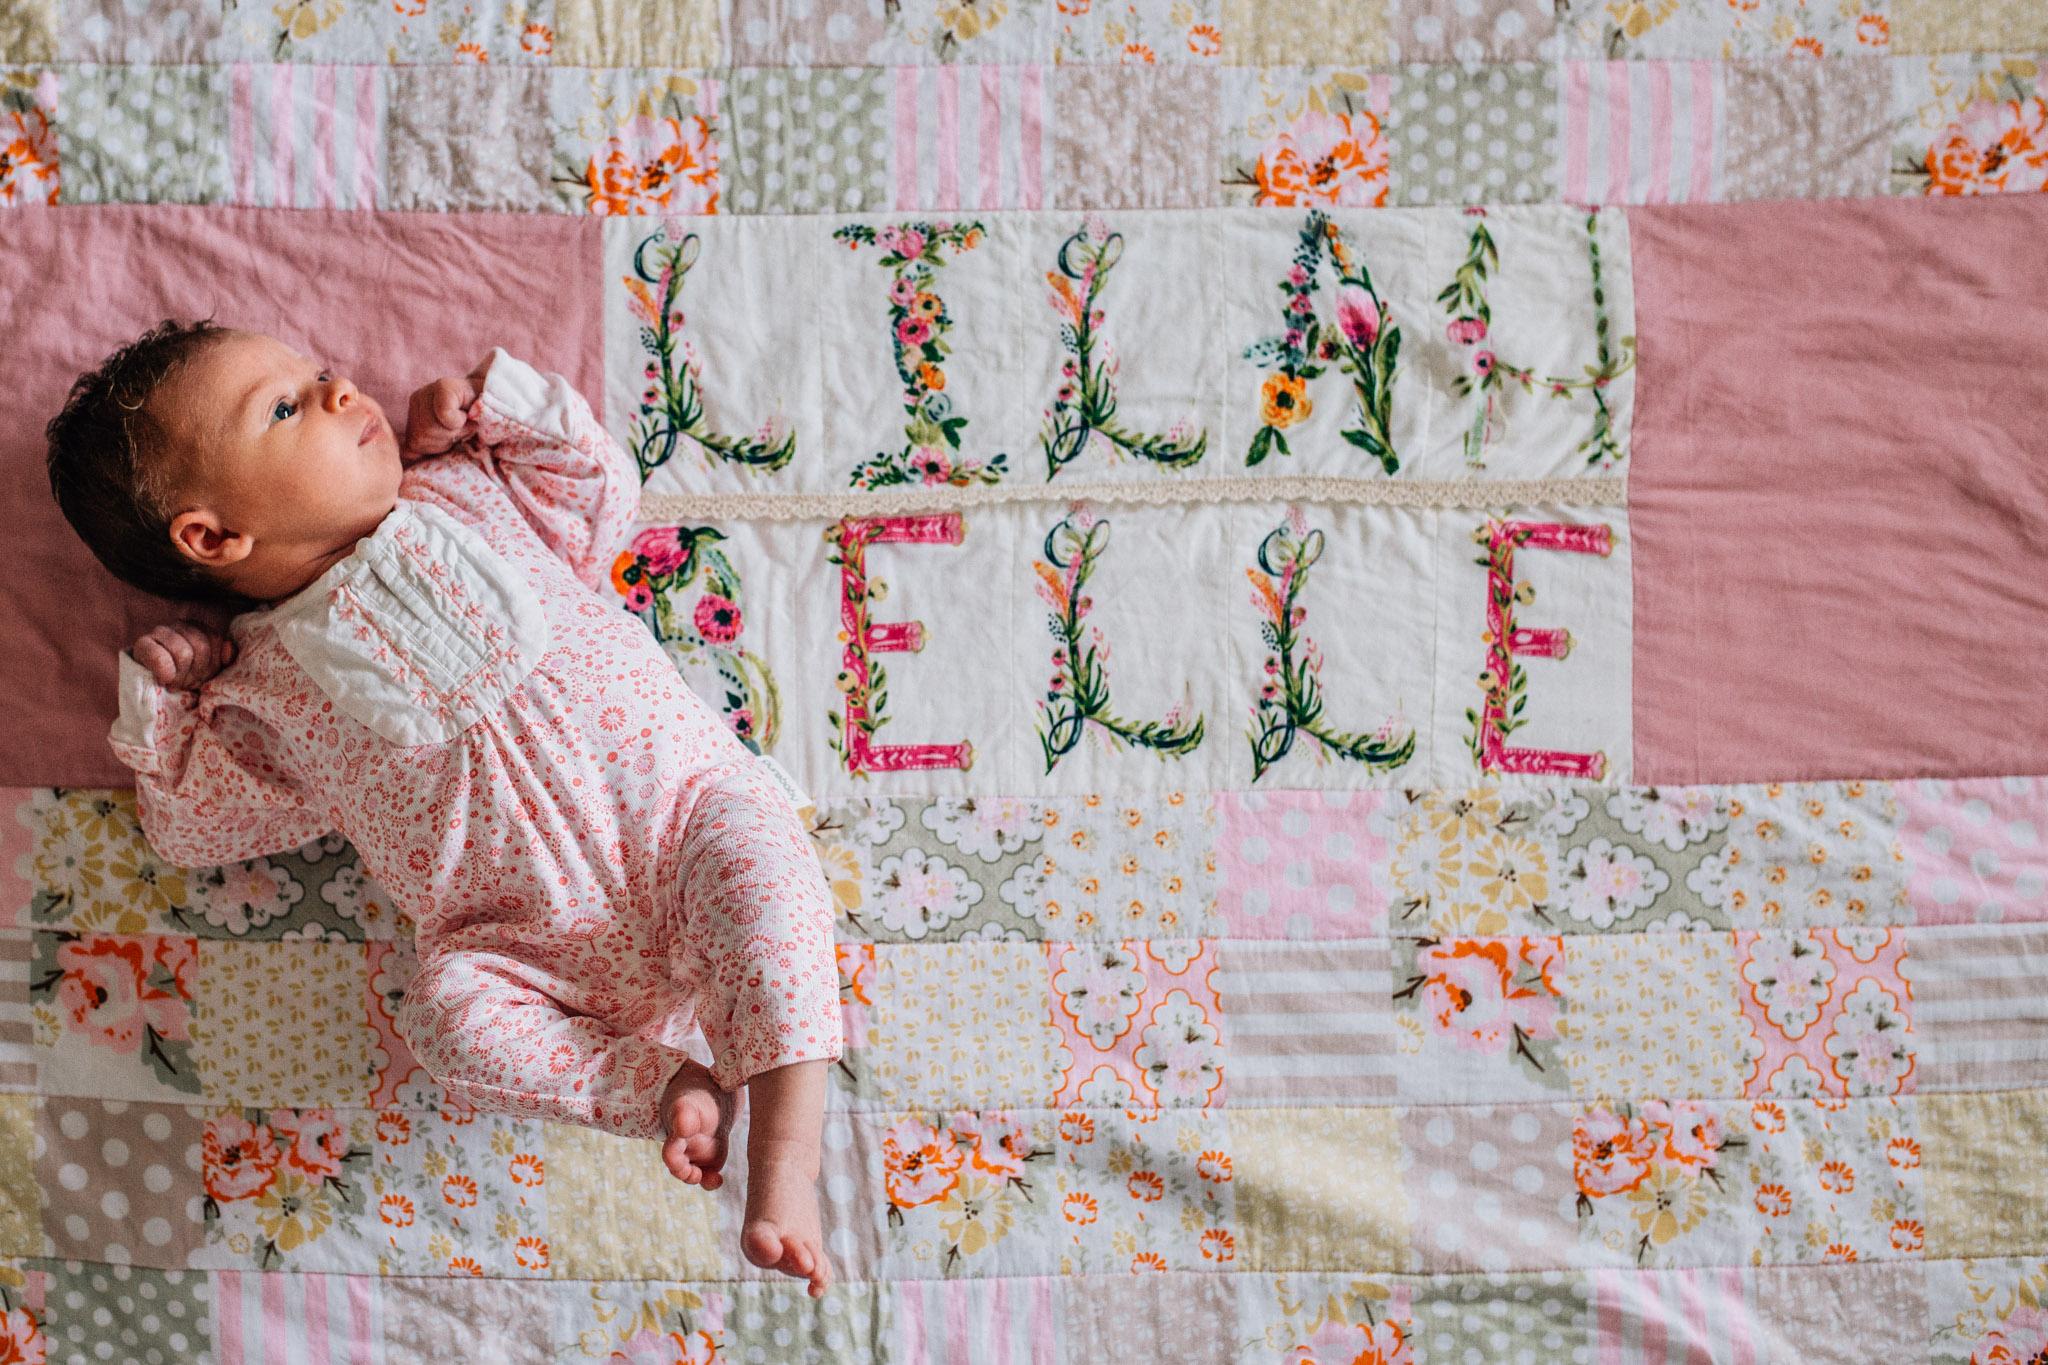 baby-lying-on-handmade-blanket-with-her-name-on-it-II (1 of 1).jpg